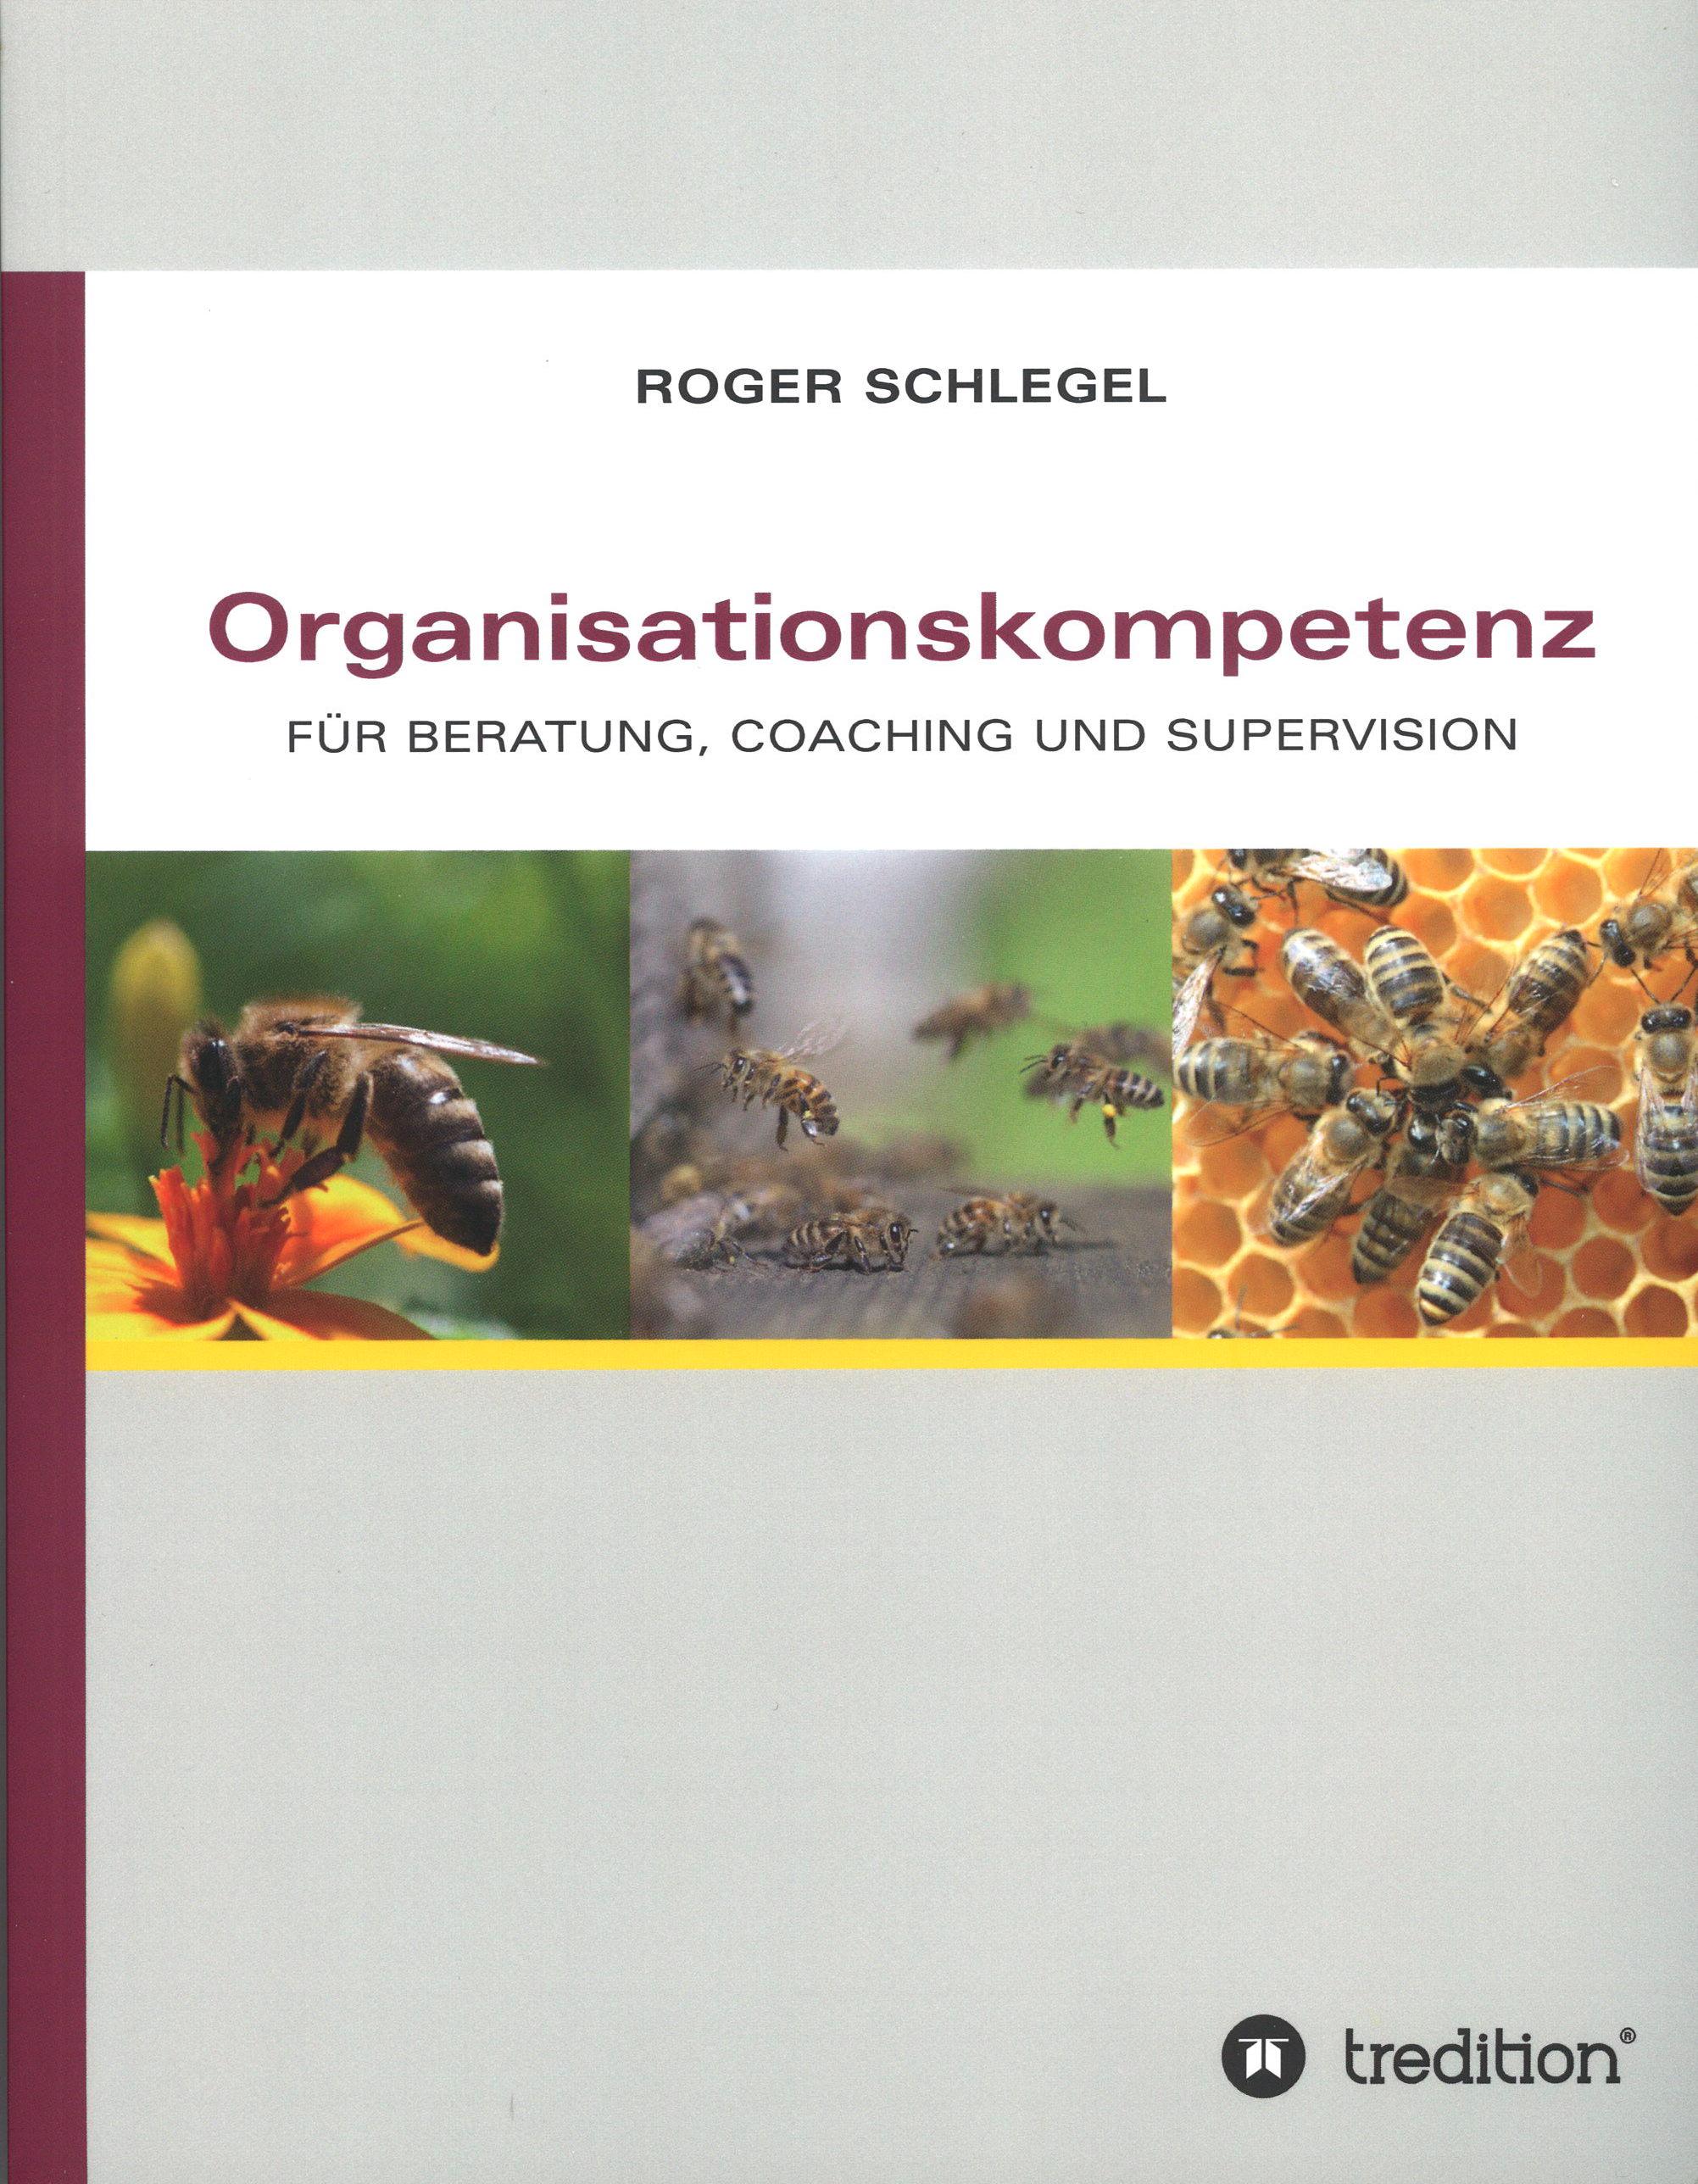 Literatur und Publikationen zum Thema Coaching im Überblick